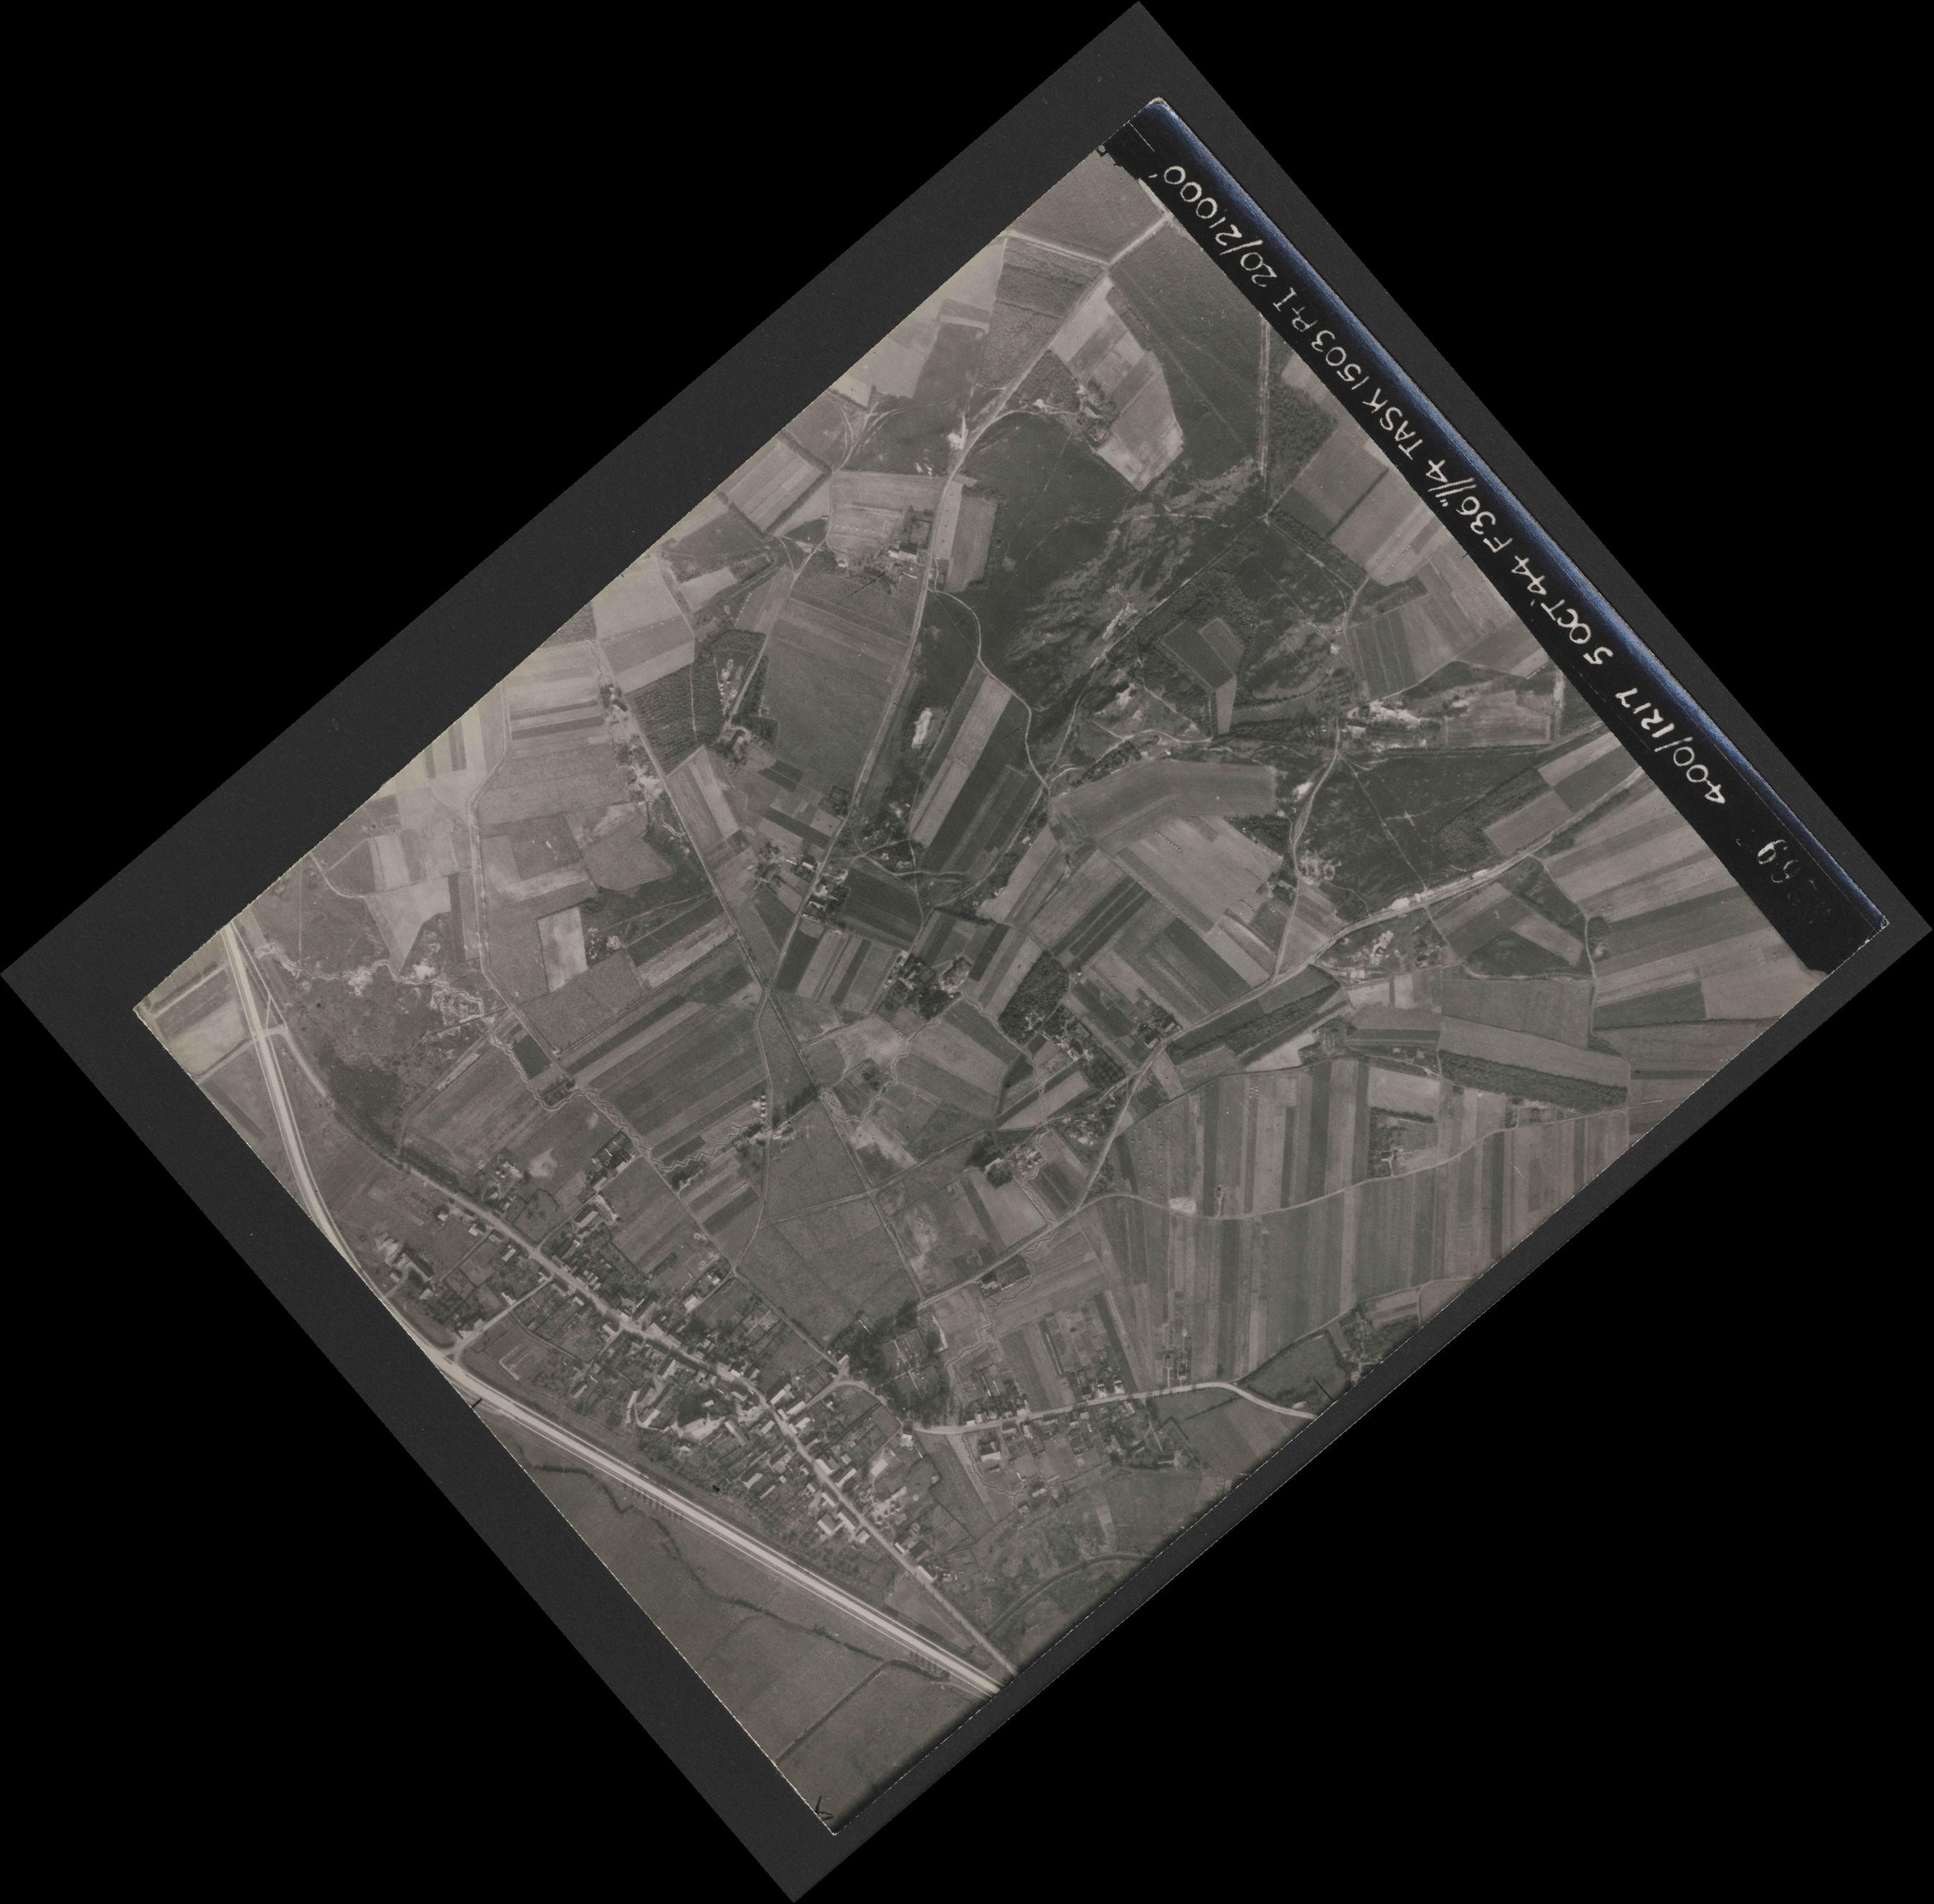 Collection RAF aerial photos 1940-1945 - flight 316, run 10, photo 3269